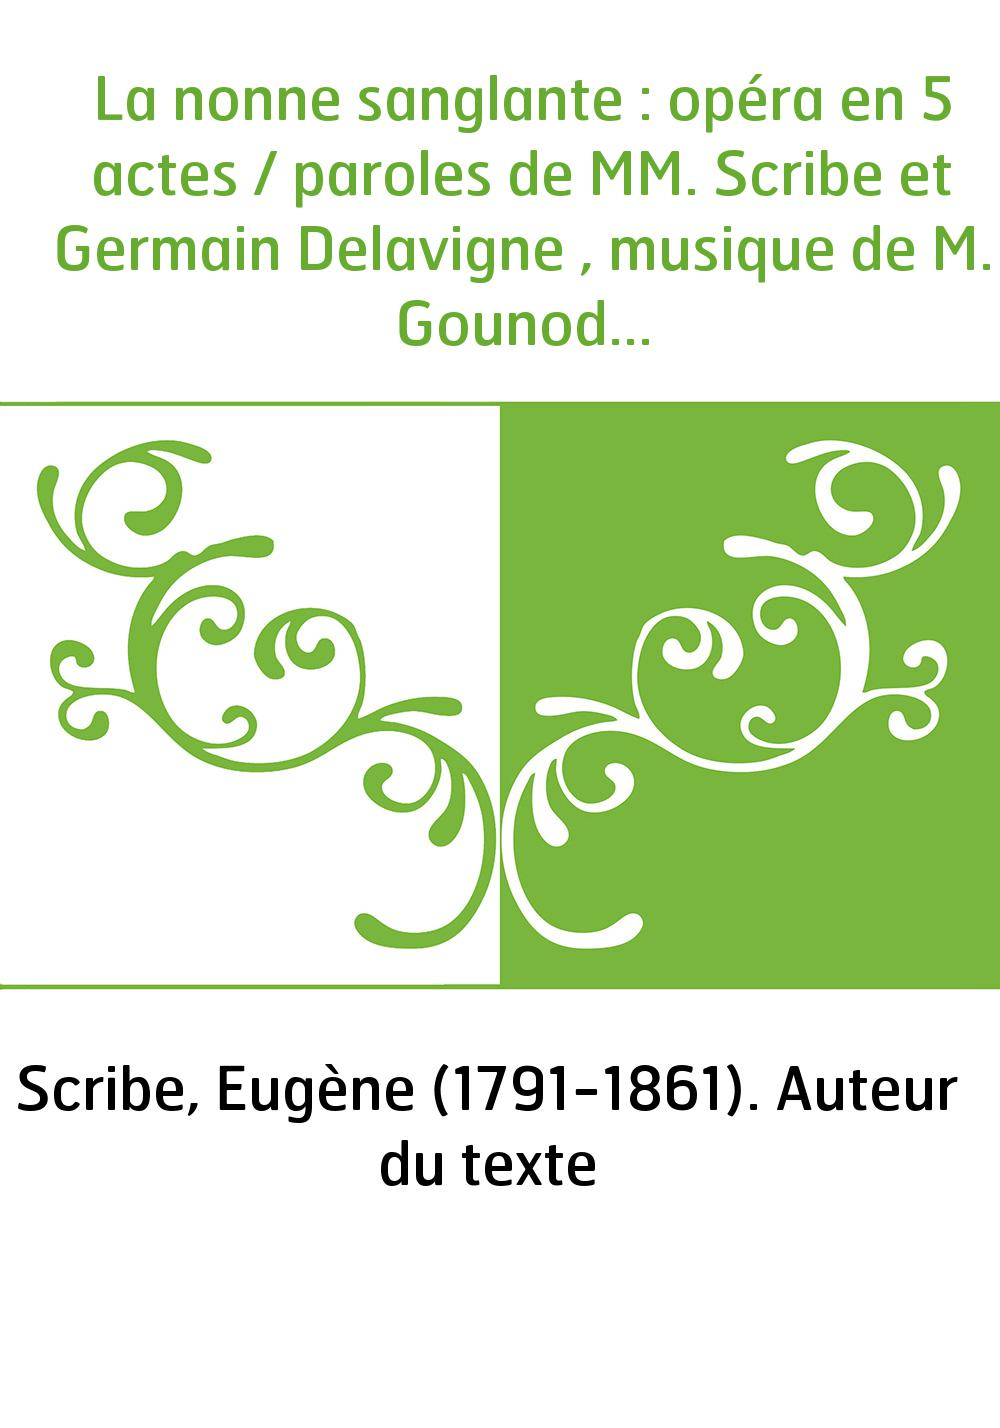 La nonne sanglante : opéra en 5 actes / paroles de MM. Scribe et Germain Delavigne , musique de M. Gounod...